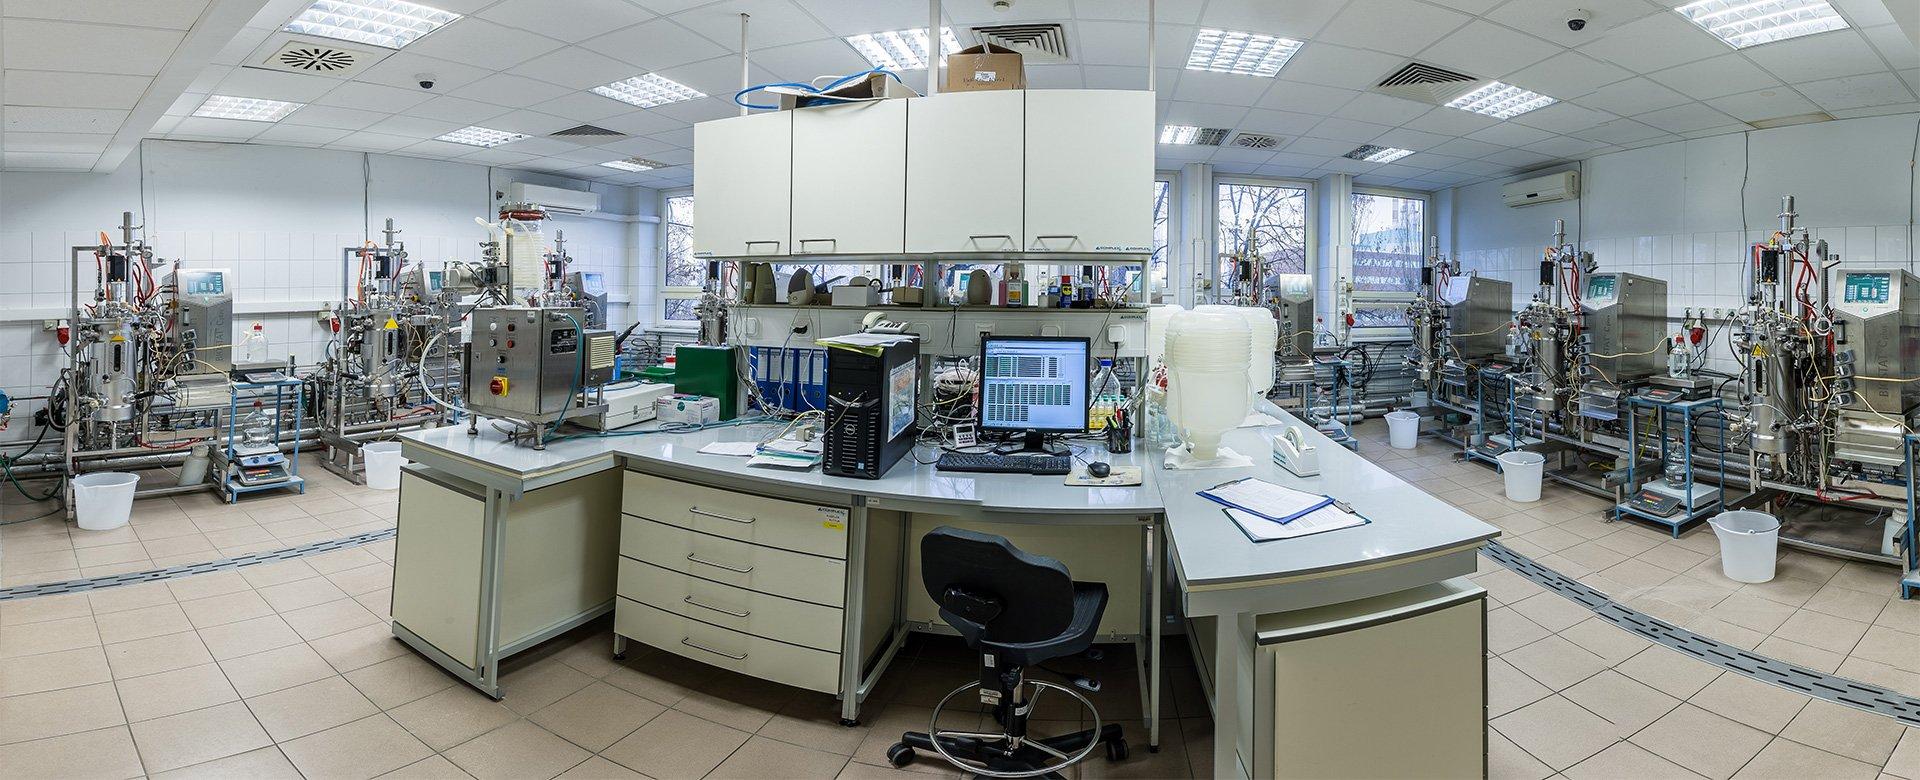 Kiadó helyiségek, kiadó laborok